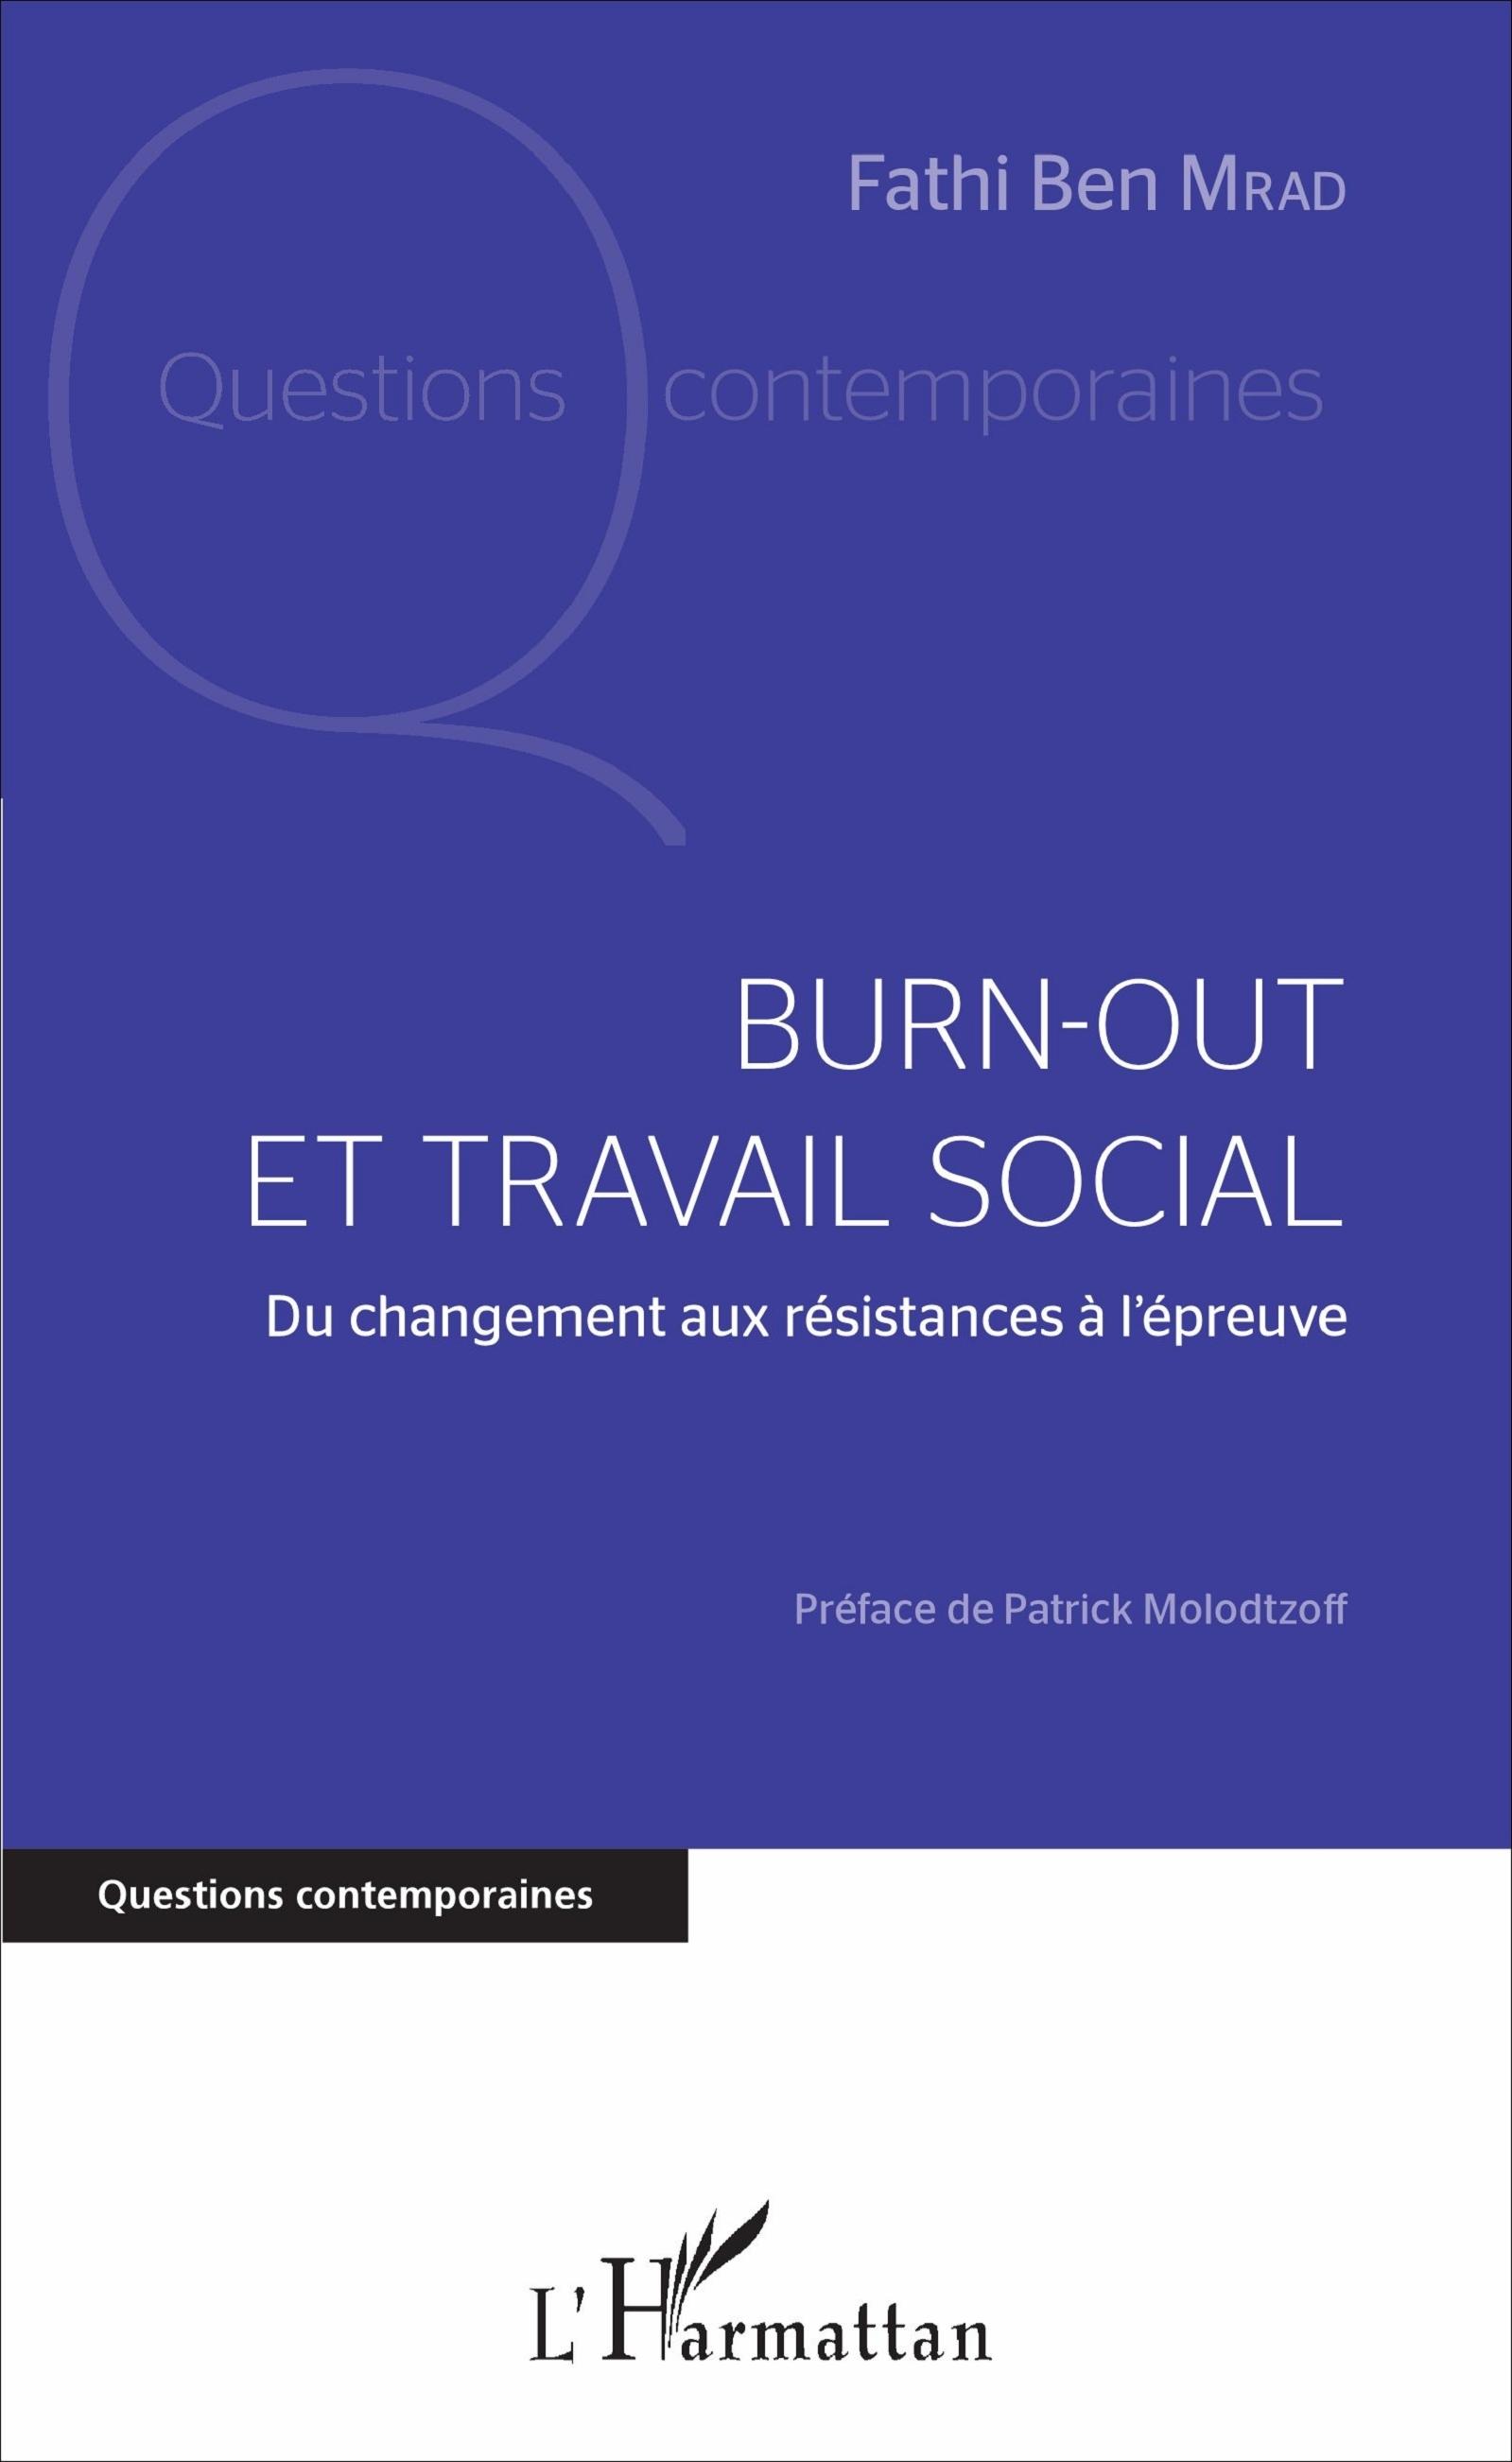 BURN OUT ET TRAVAIL SOCIAL DU CHANGEMENT AUX RESISTANCES A L'EPREUVE